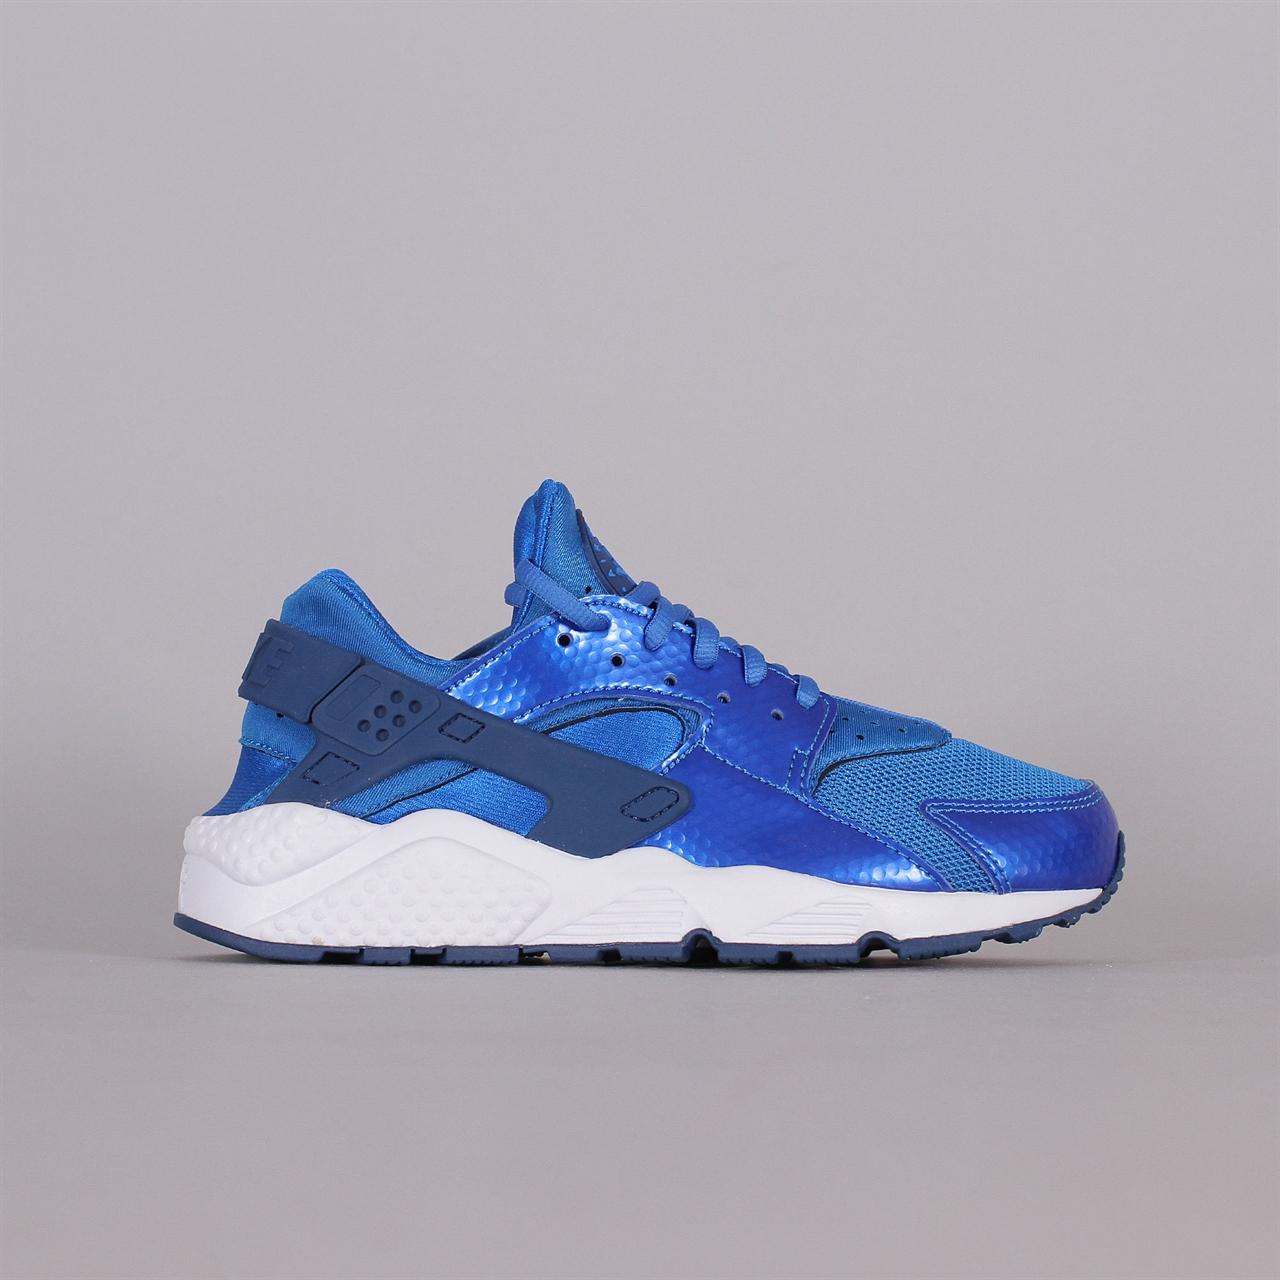 f591c02e323f2 Shelta - Nike Sportswear Womens Air Huarache Run (634835-405)